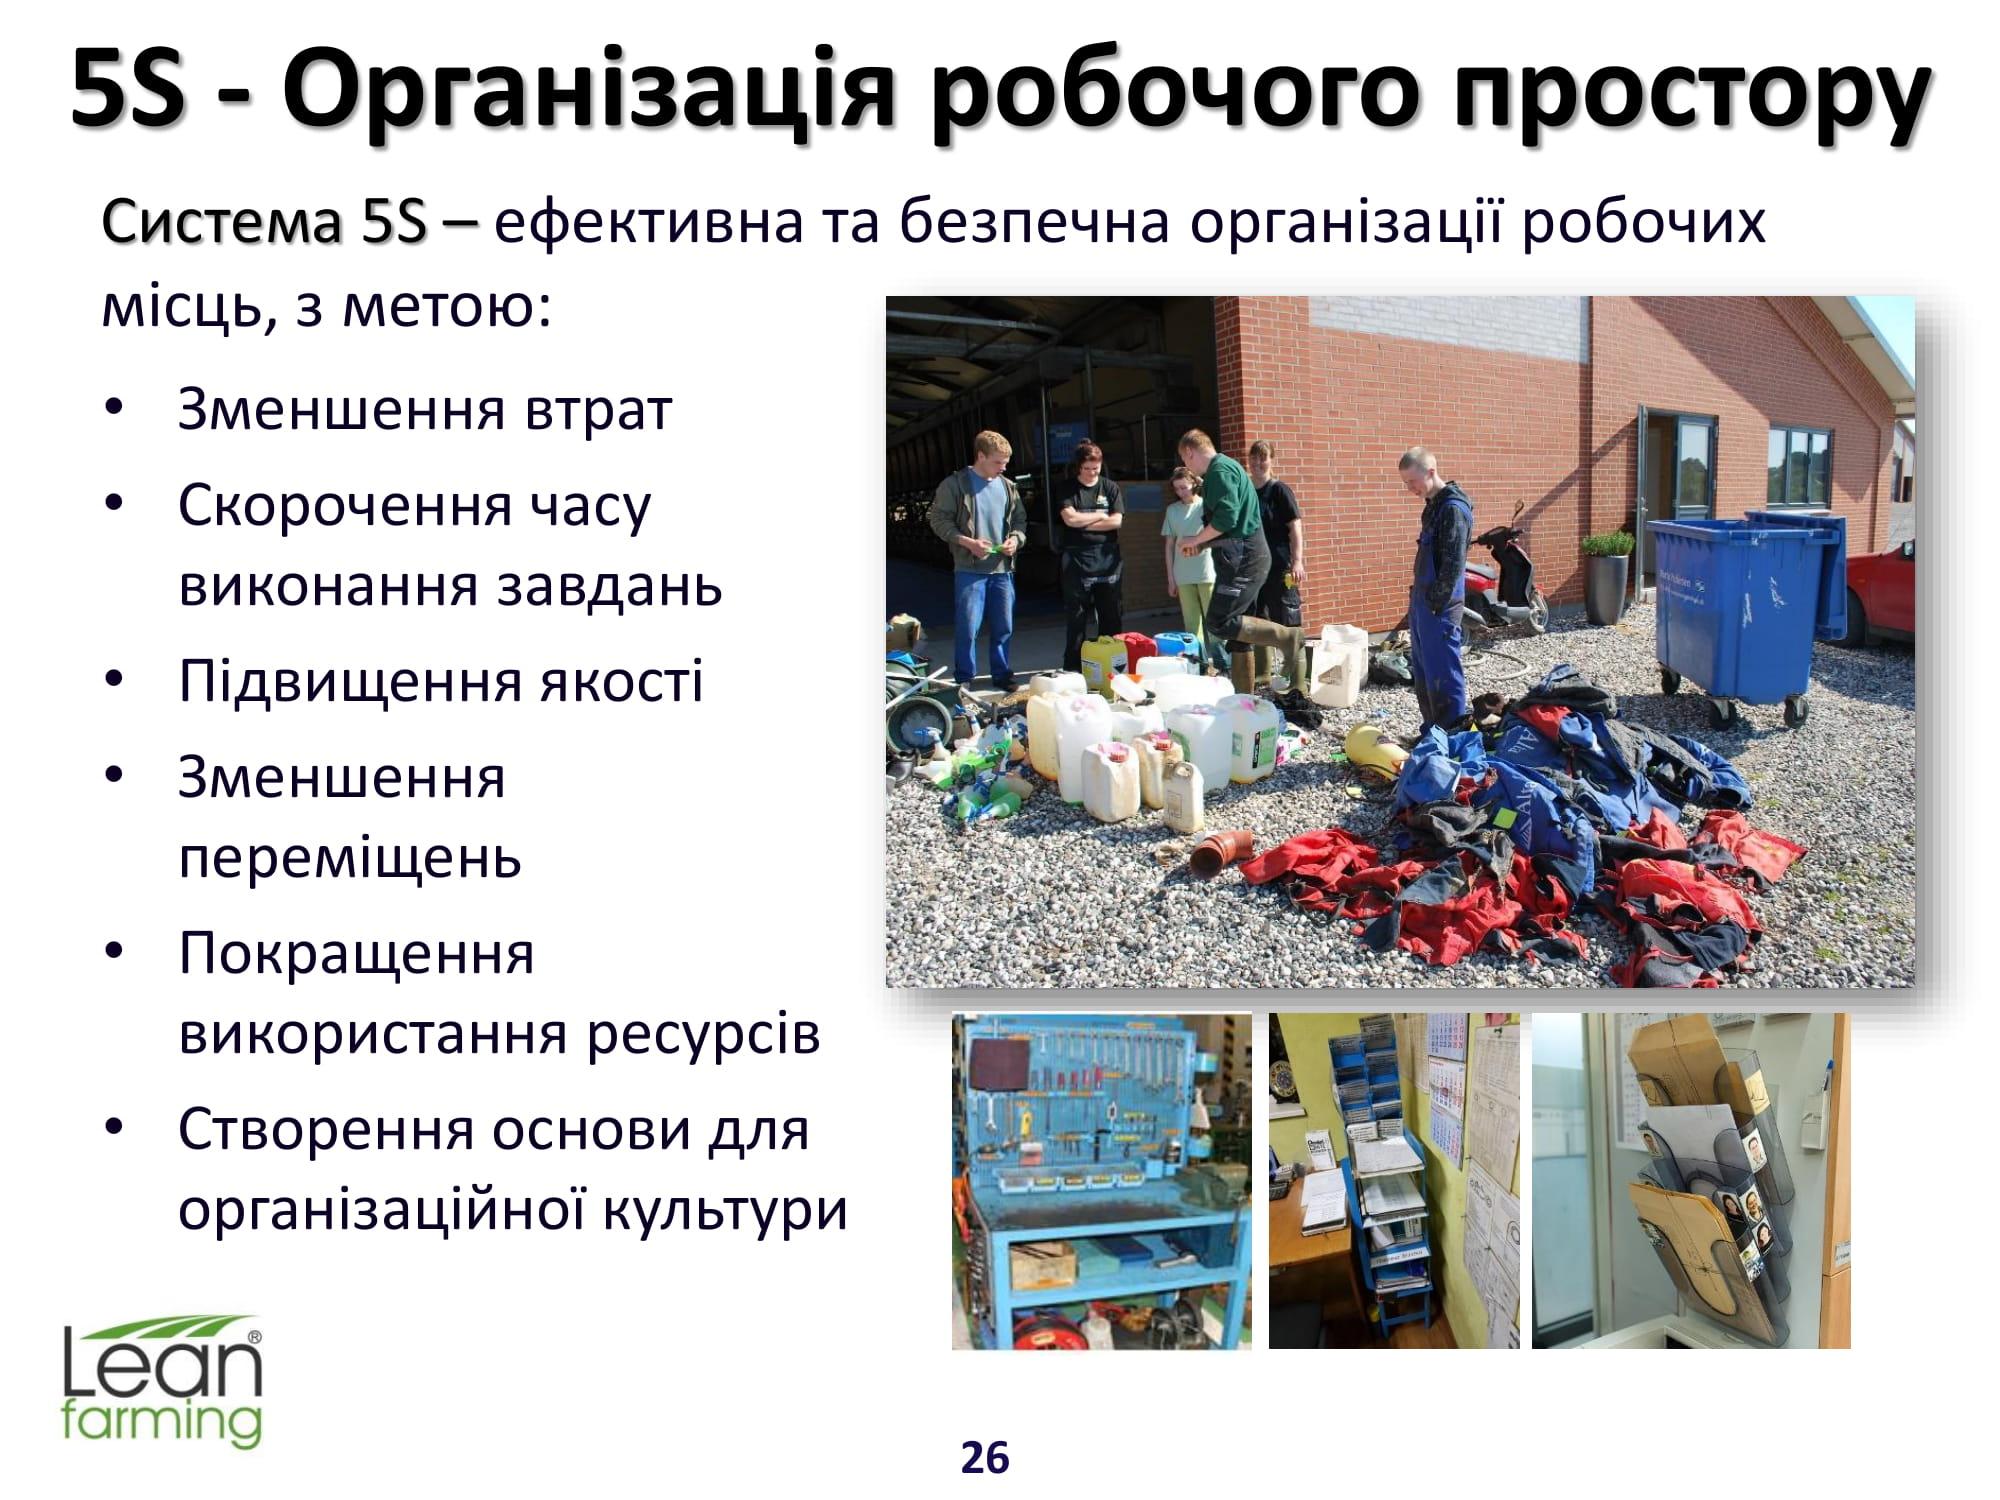 Romantsov Roman Oshhadlyve Fermerstvo 15 03 18 26